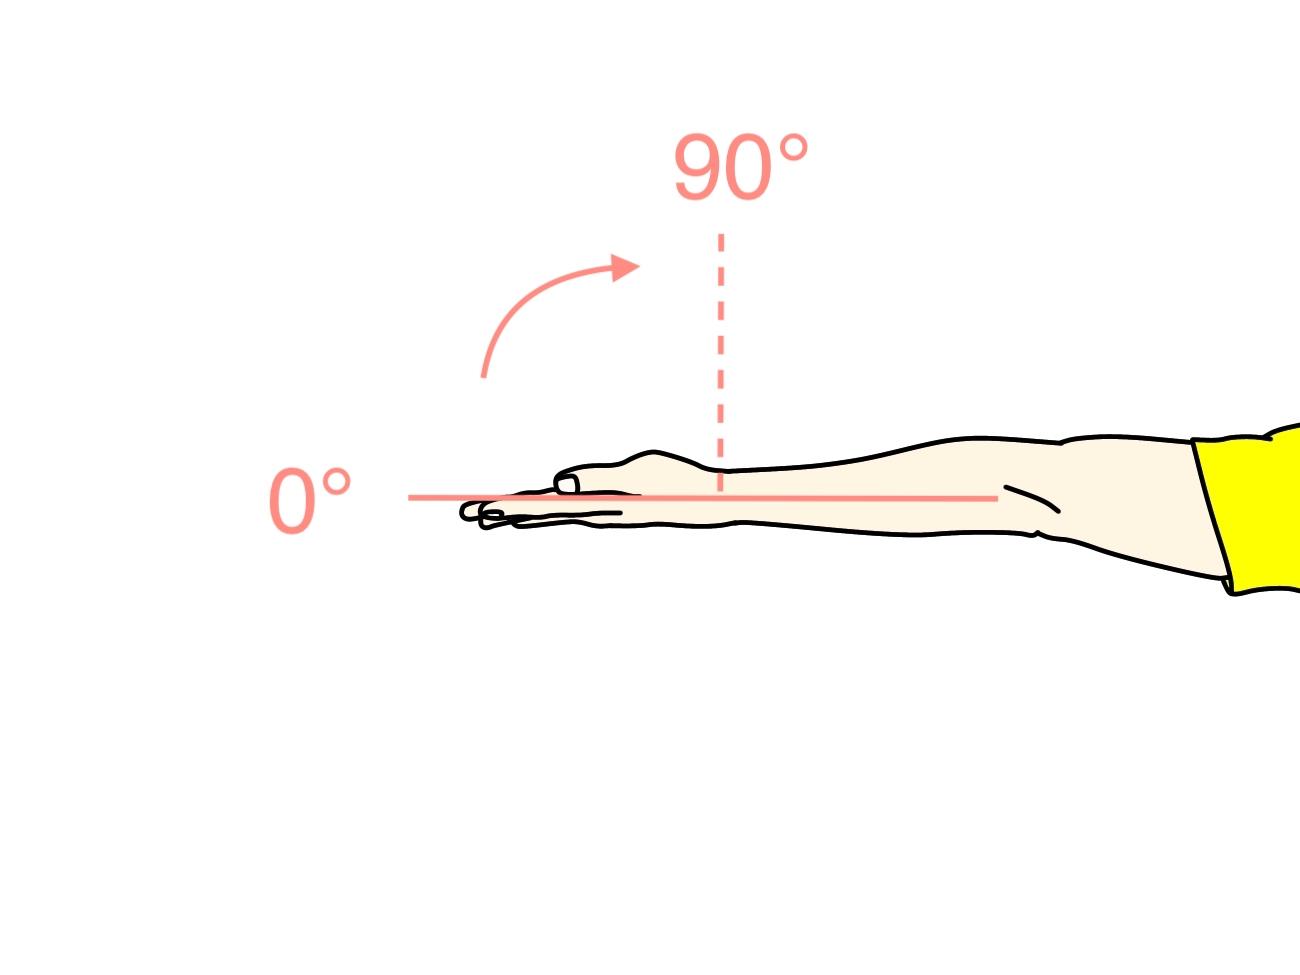 手首を曲げる動作(手首の屈曲)の関節可動域(ROM)と働く筋肉のまとめ